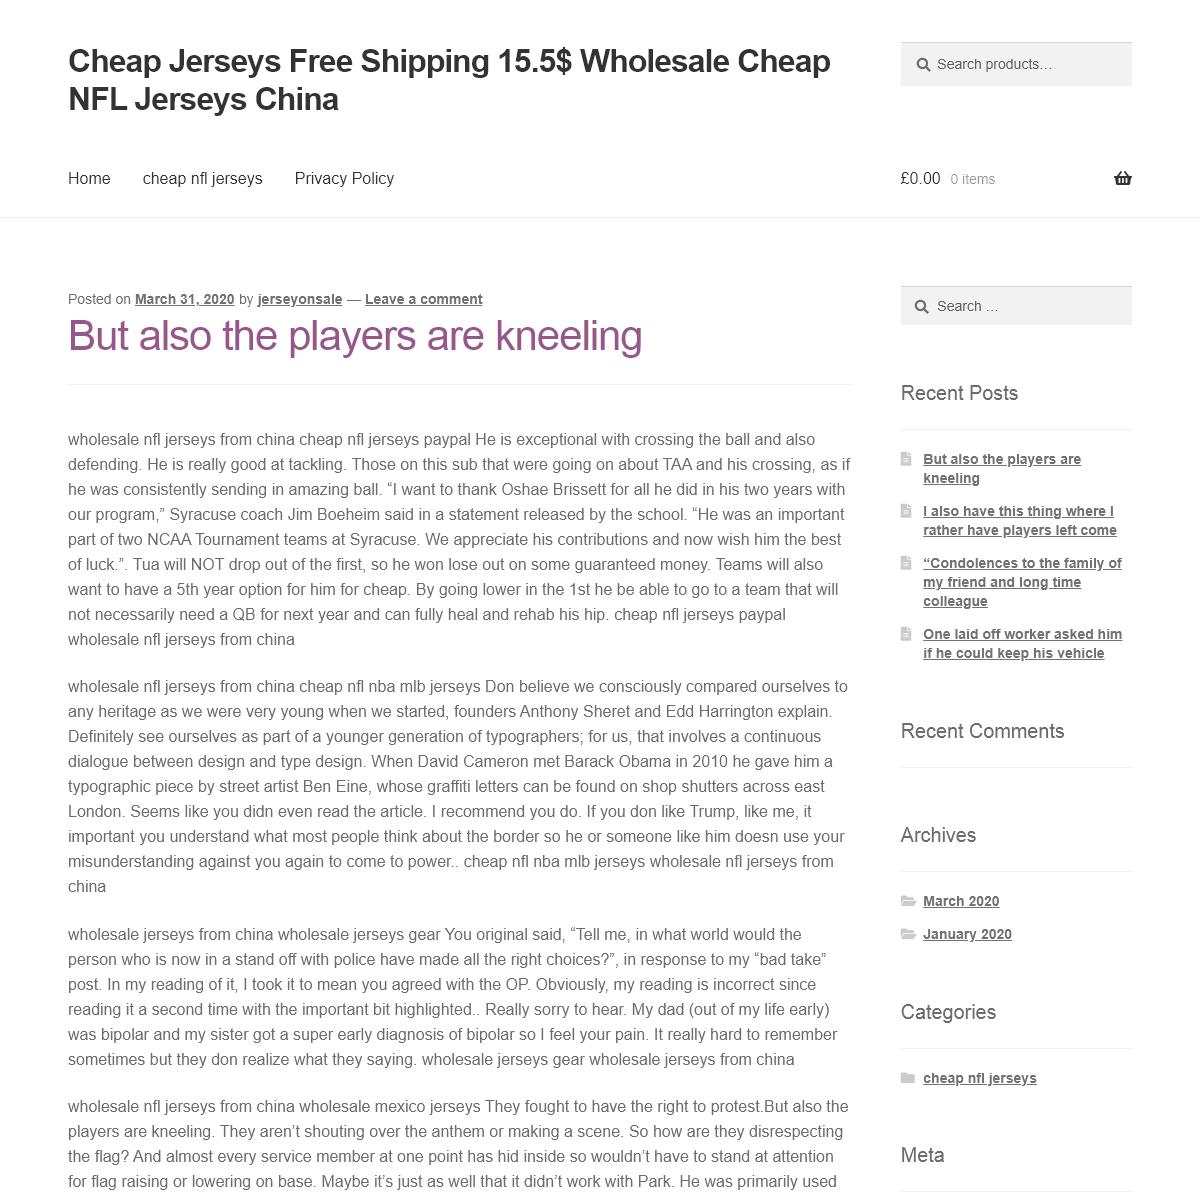 Cheap Jerseys Free Shipping 15.5$ Wholesale Cheap NFL Jerseys China